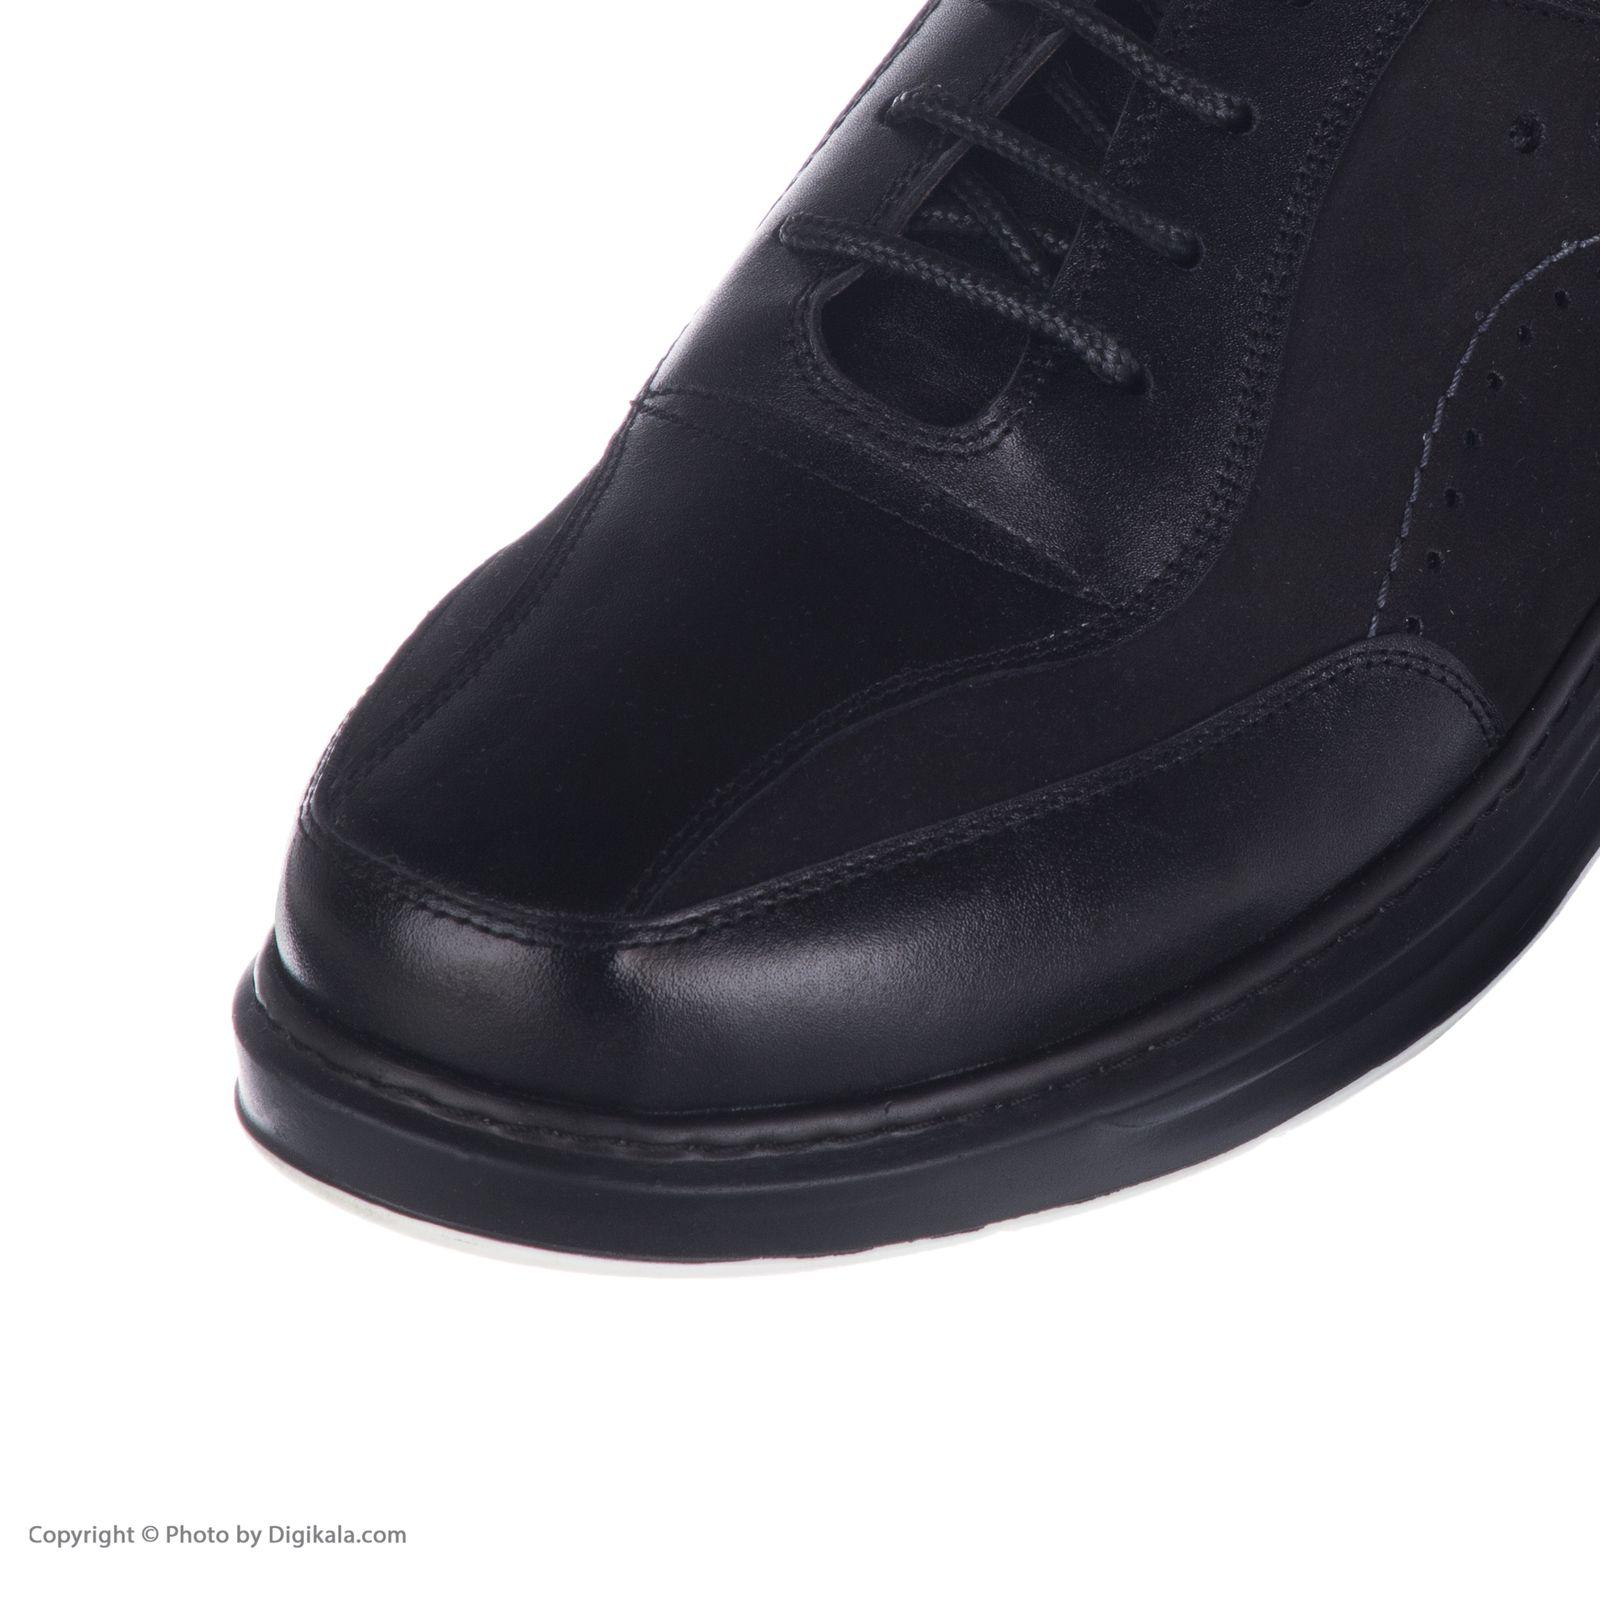 کفش روزمره مردانه دانادل مدل 8602A503101 -  - 6